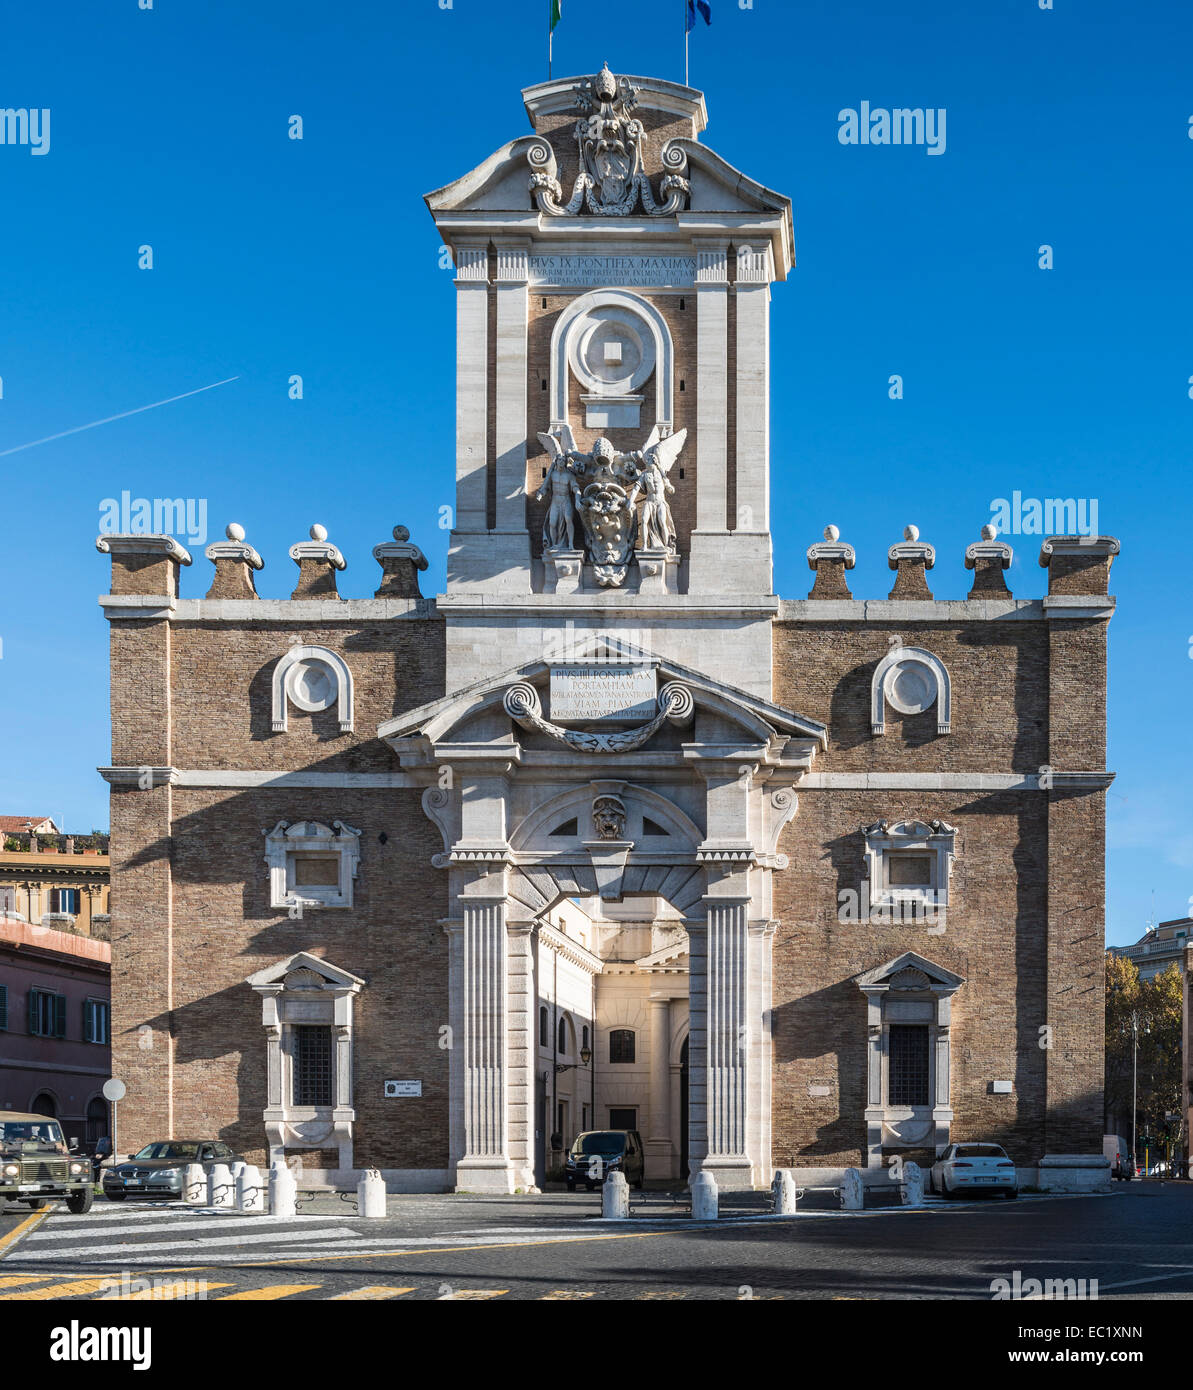 Porta Pia, doppia porta nelle mura Aureliane, dal 1561 al 1565, Michelangelo, museo storico, Roma, lazio, Italy Immagini Stock